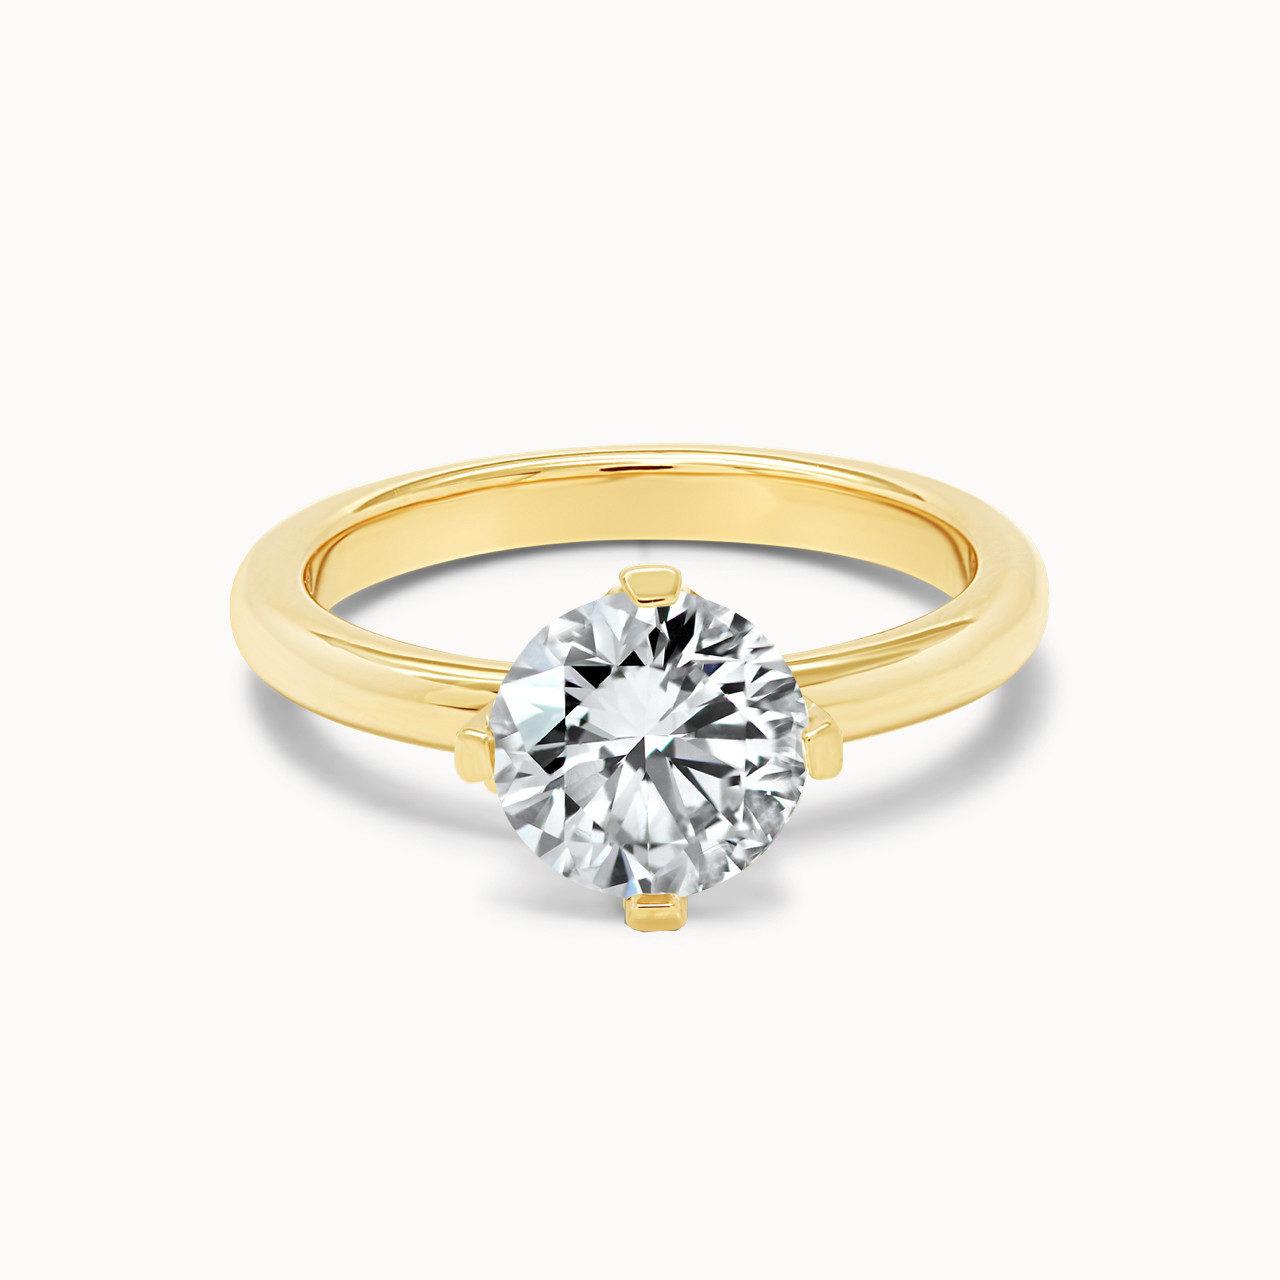 Goldener Verlobungsring mit 4 Krappen aus Gold und 1,25